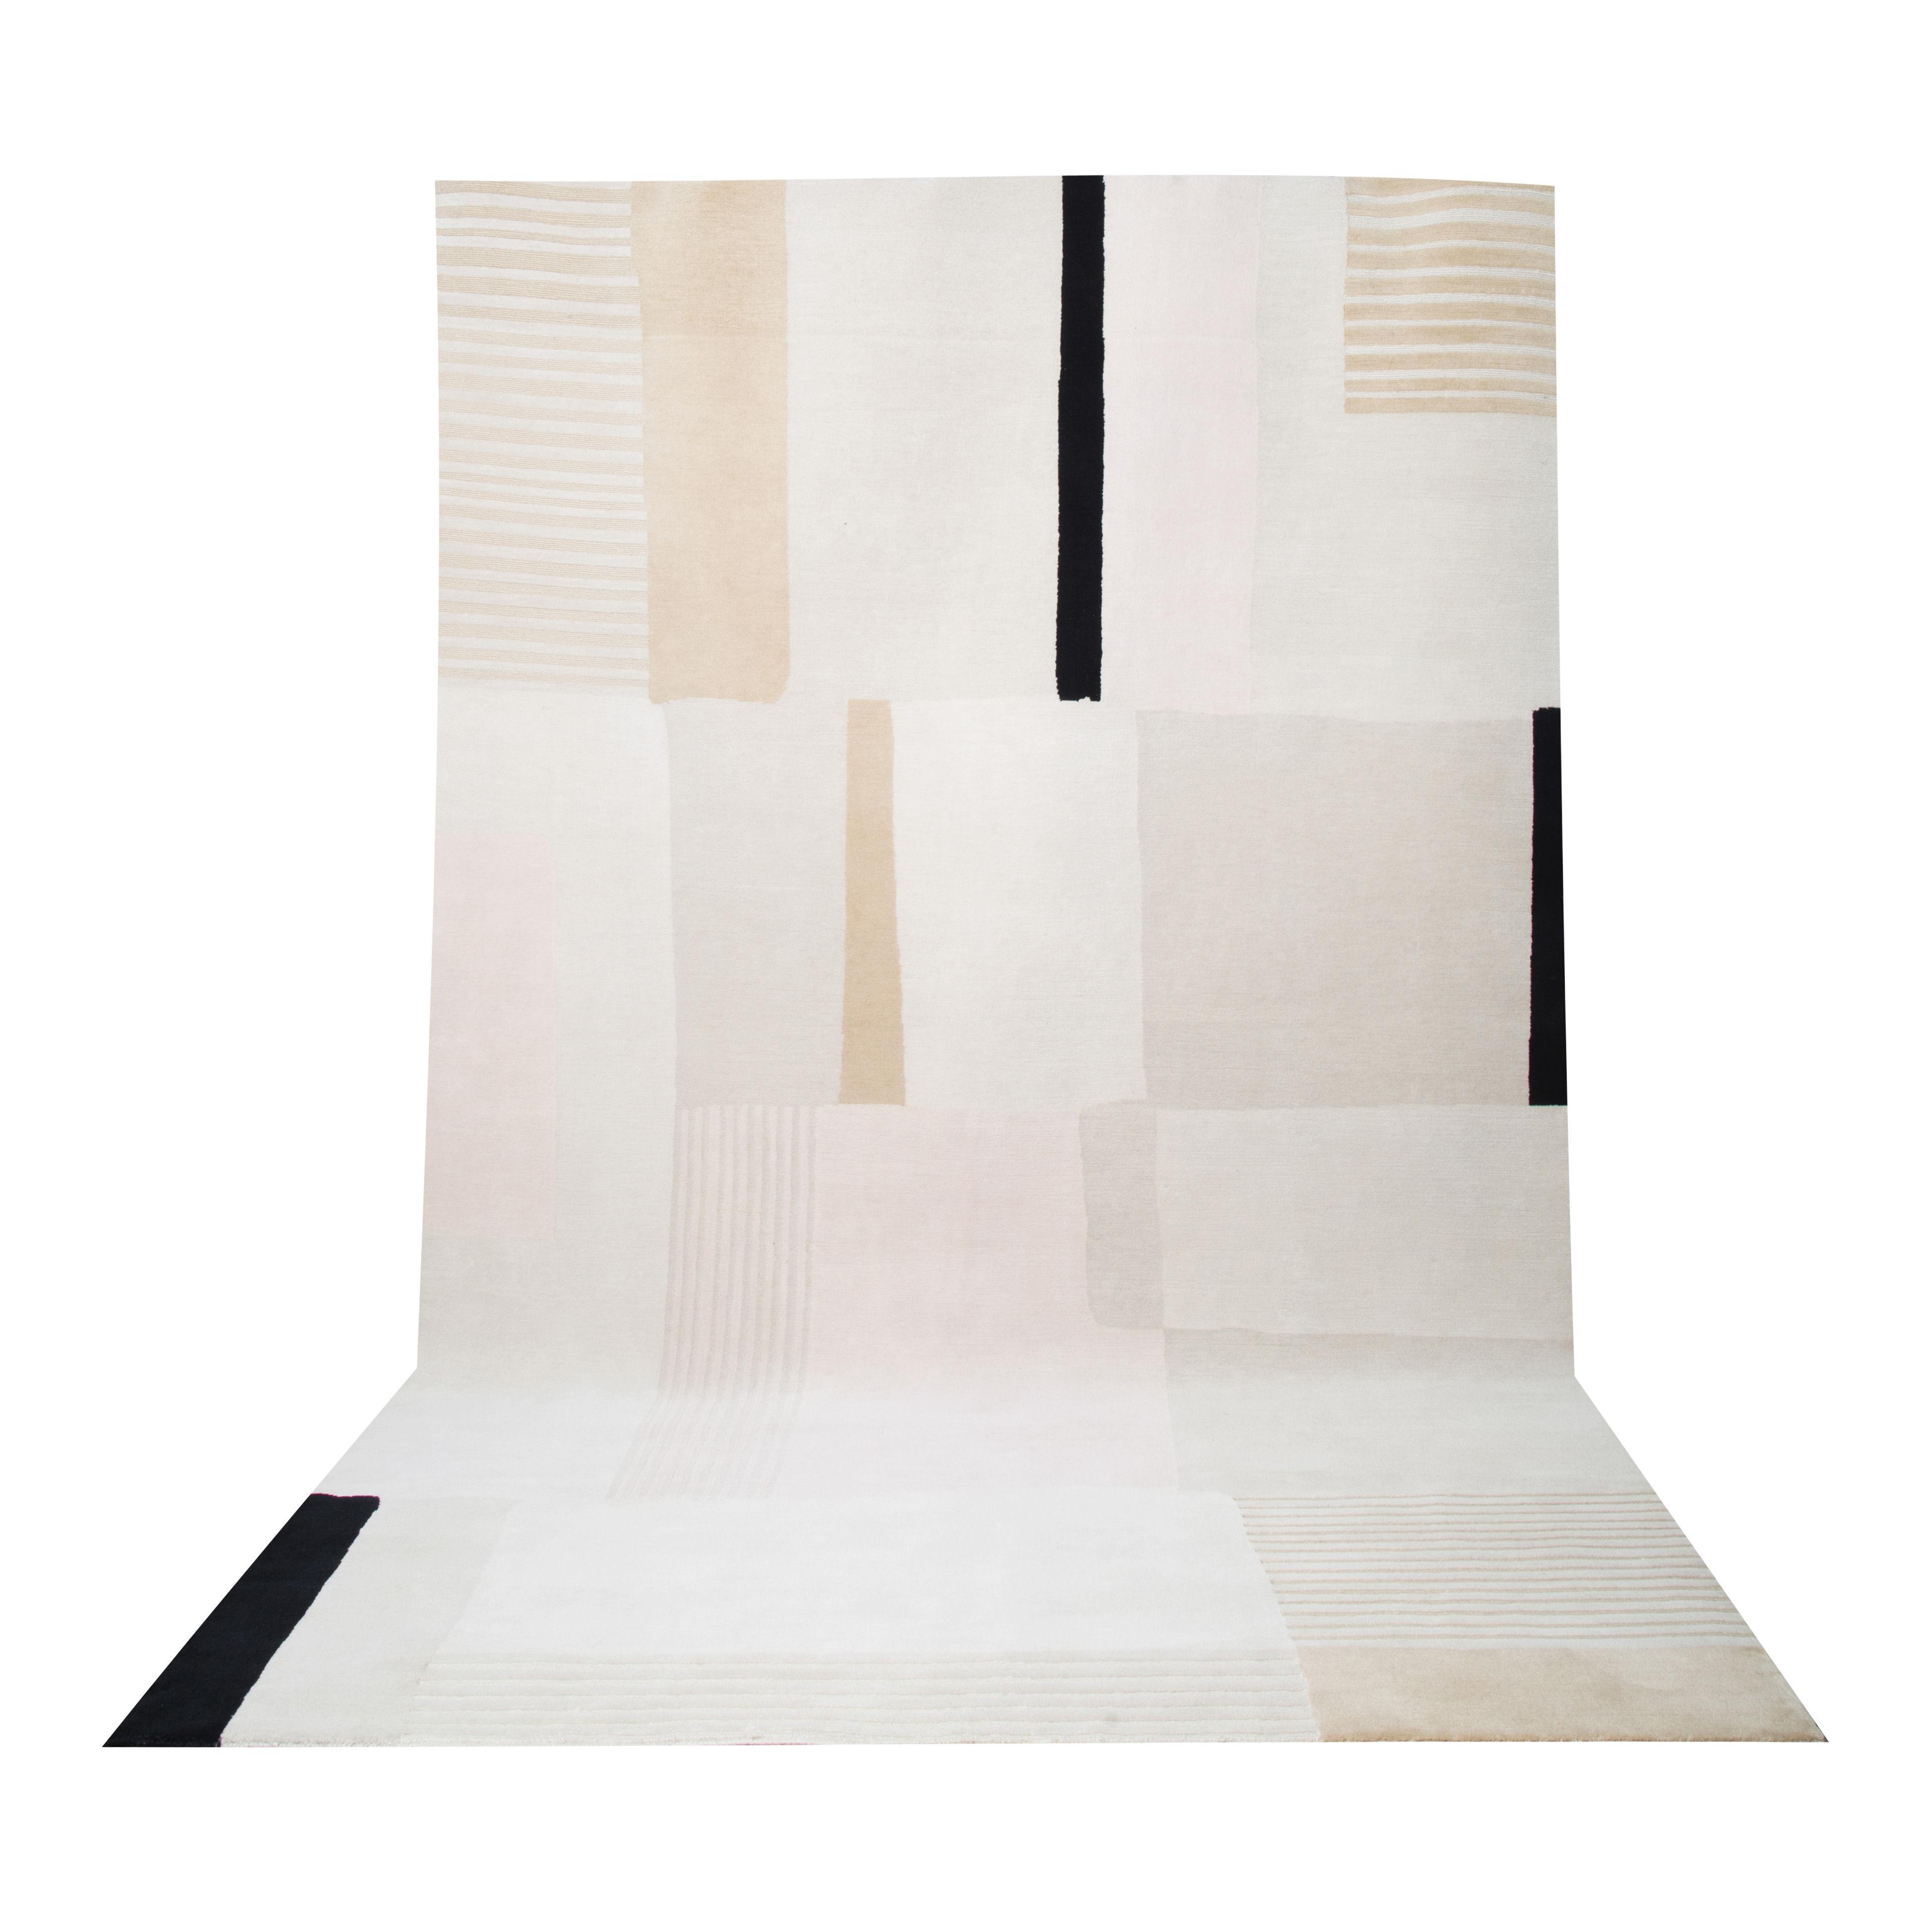 Déco - Tapis - Tapis Boro Large / 200 x 300 cm - Maison Sarah Lavoine - Beige - Coton, Laine